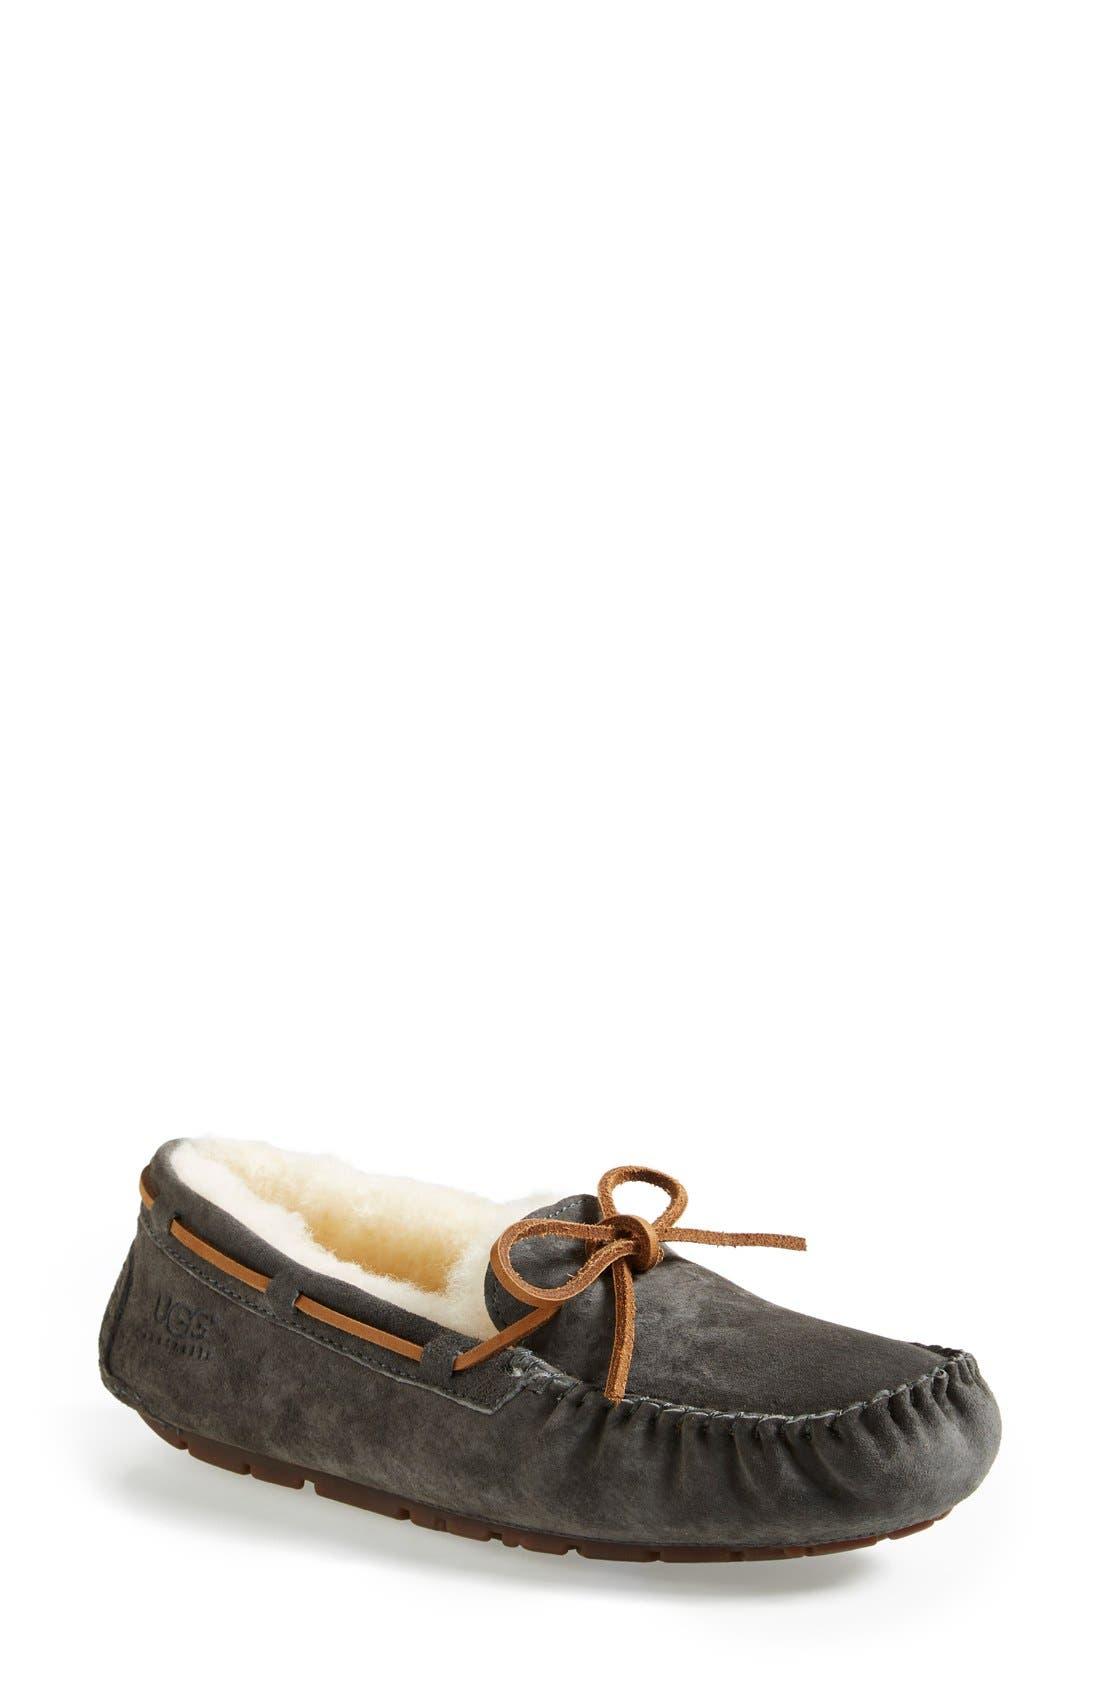 Dakota Water Resistant Slipper, Main, color, 020